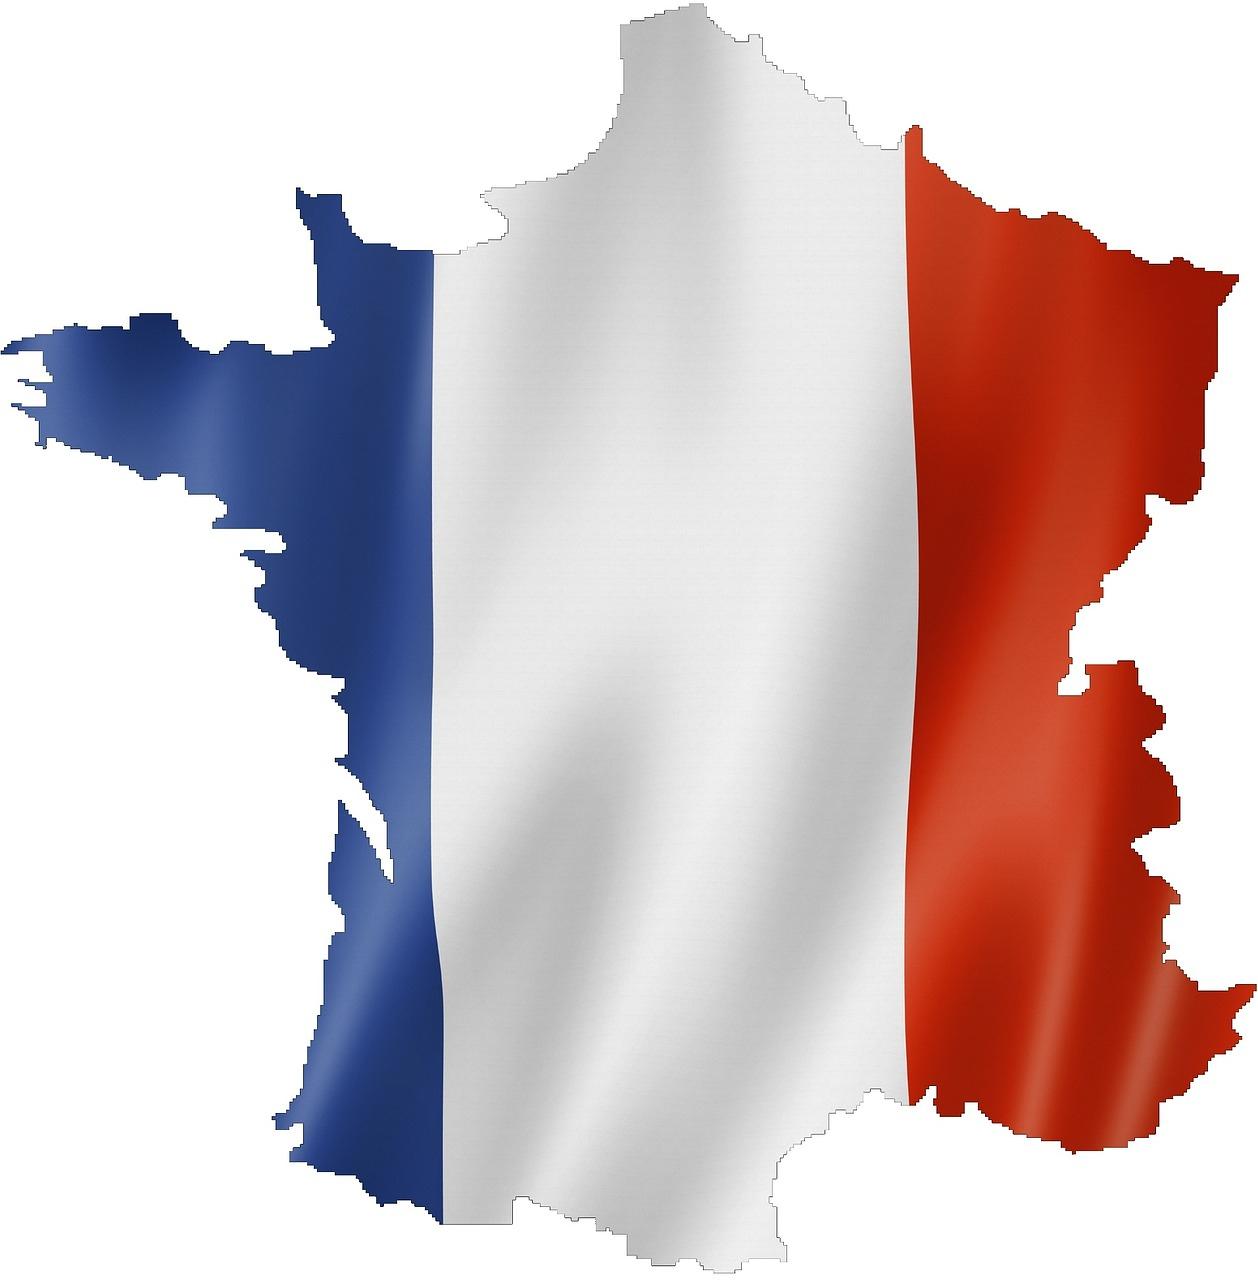 Cours De Français Langue Étrangère En France Pour Apprendre concernant Apprendre A Ecrire Le Francais Pour Debutant